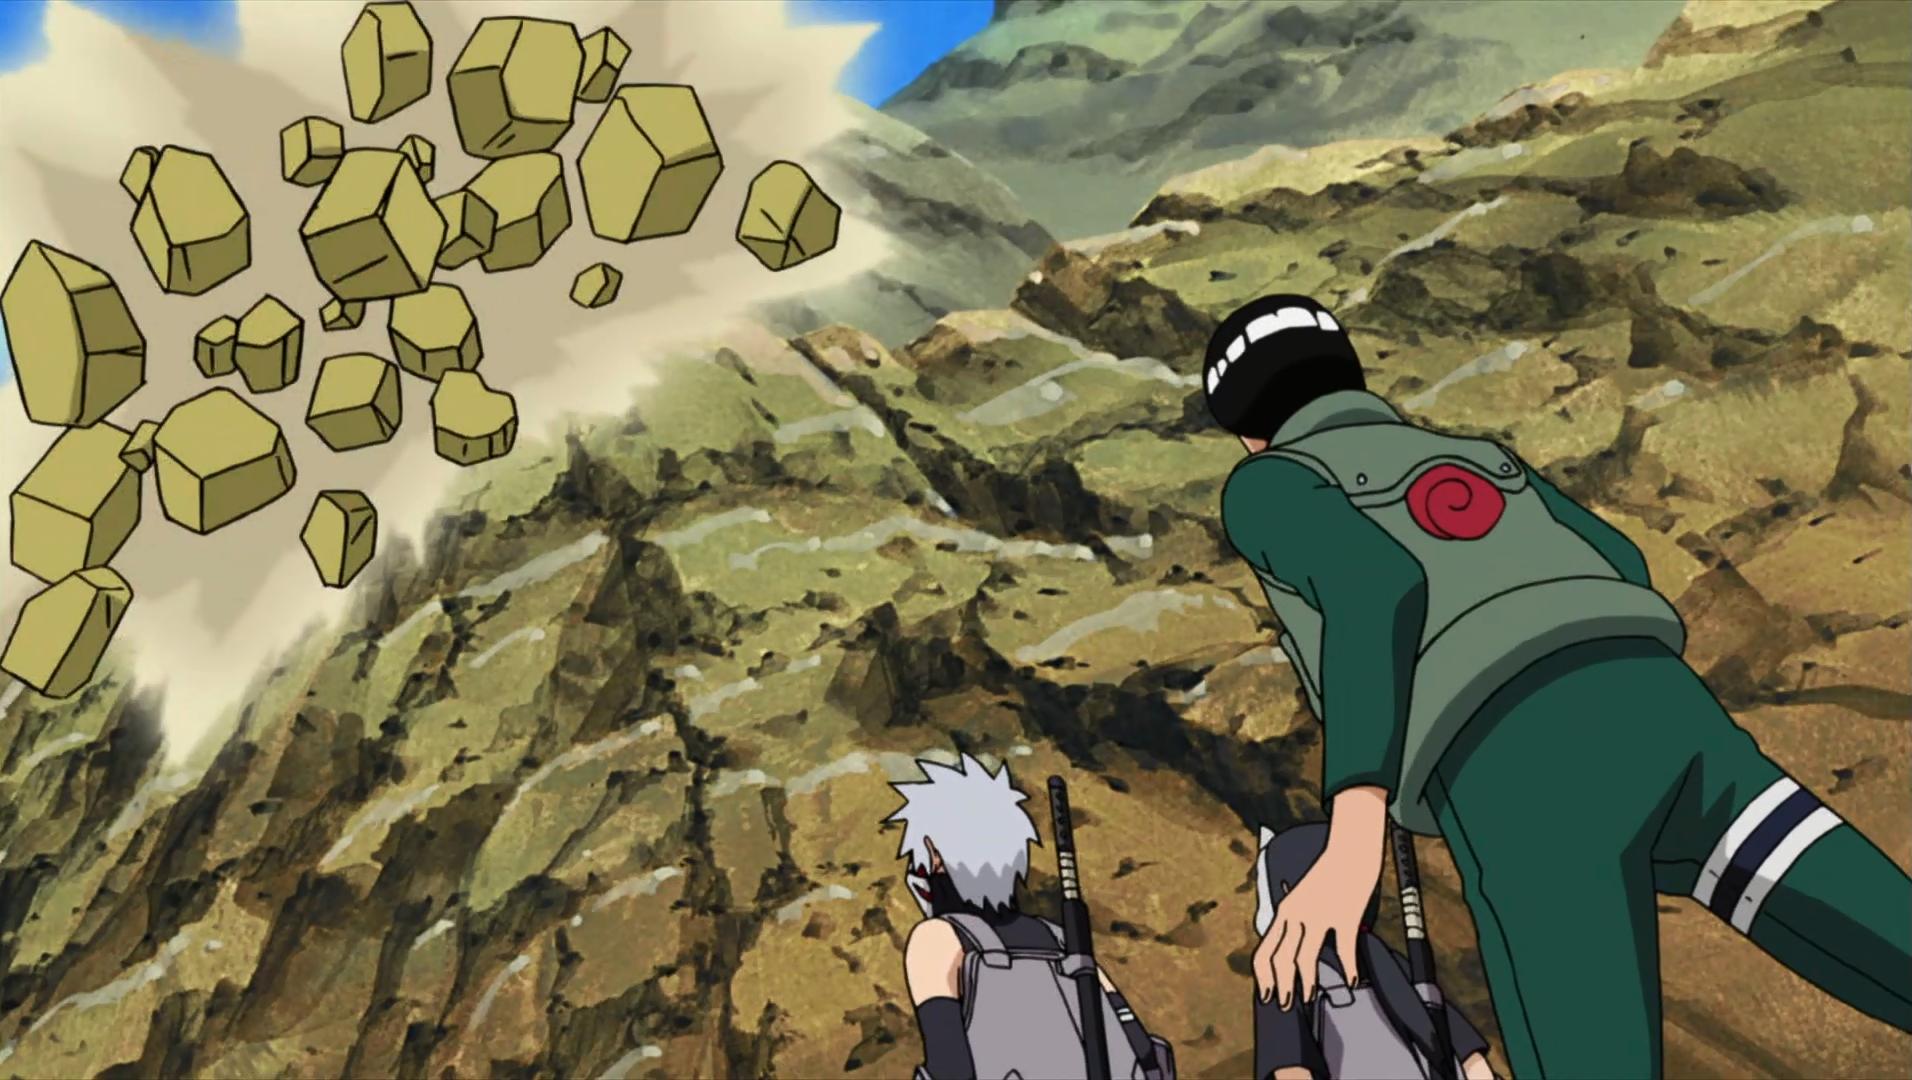 Elemento Tierra: Derrumbamiento de Roca